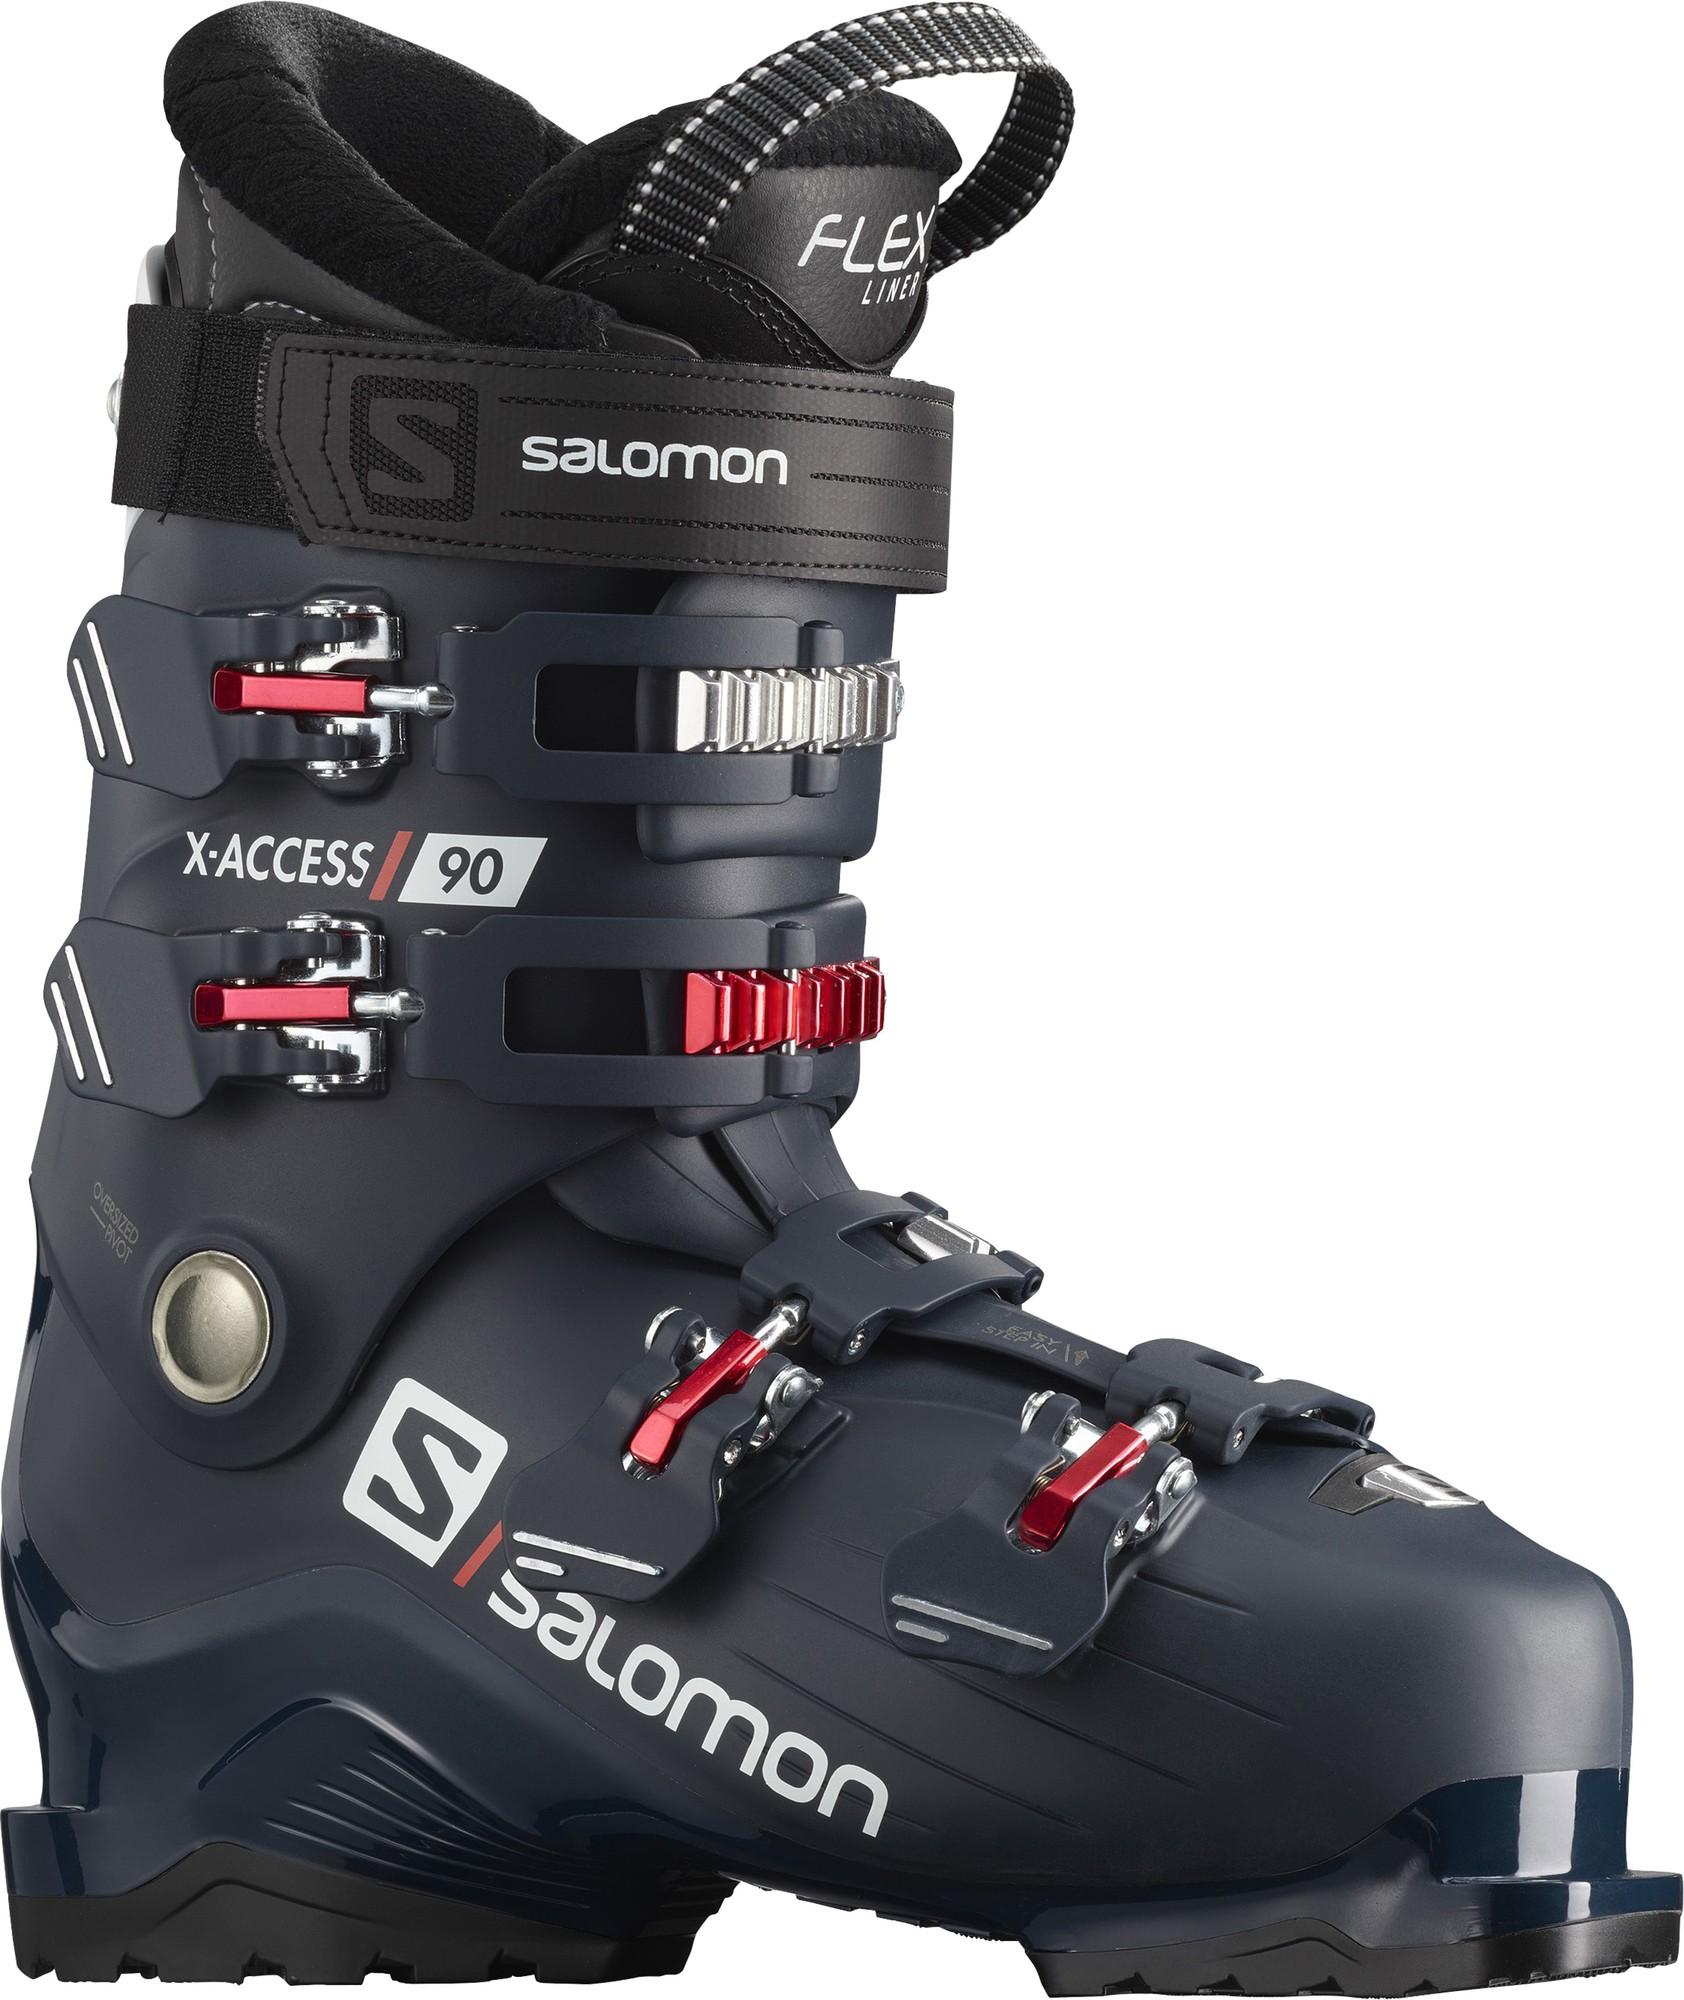 Salomon Ботинки горнолыжные Salomon X ACCESS 90, размер 30 см